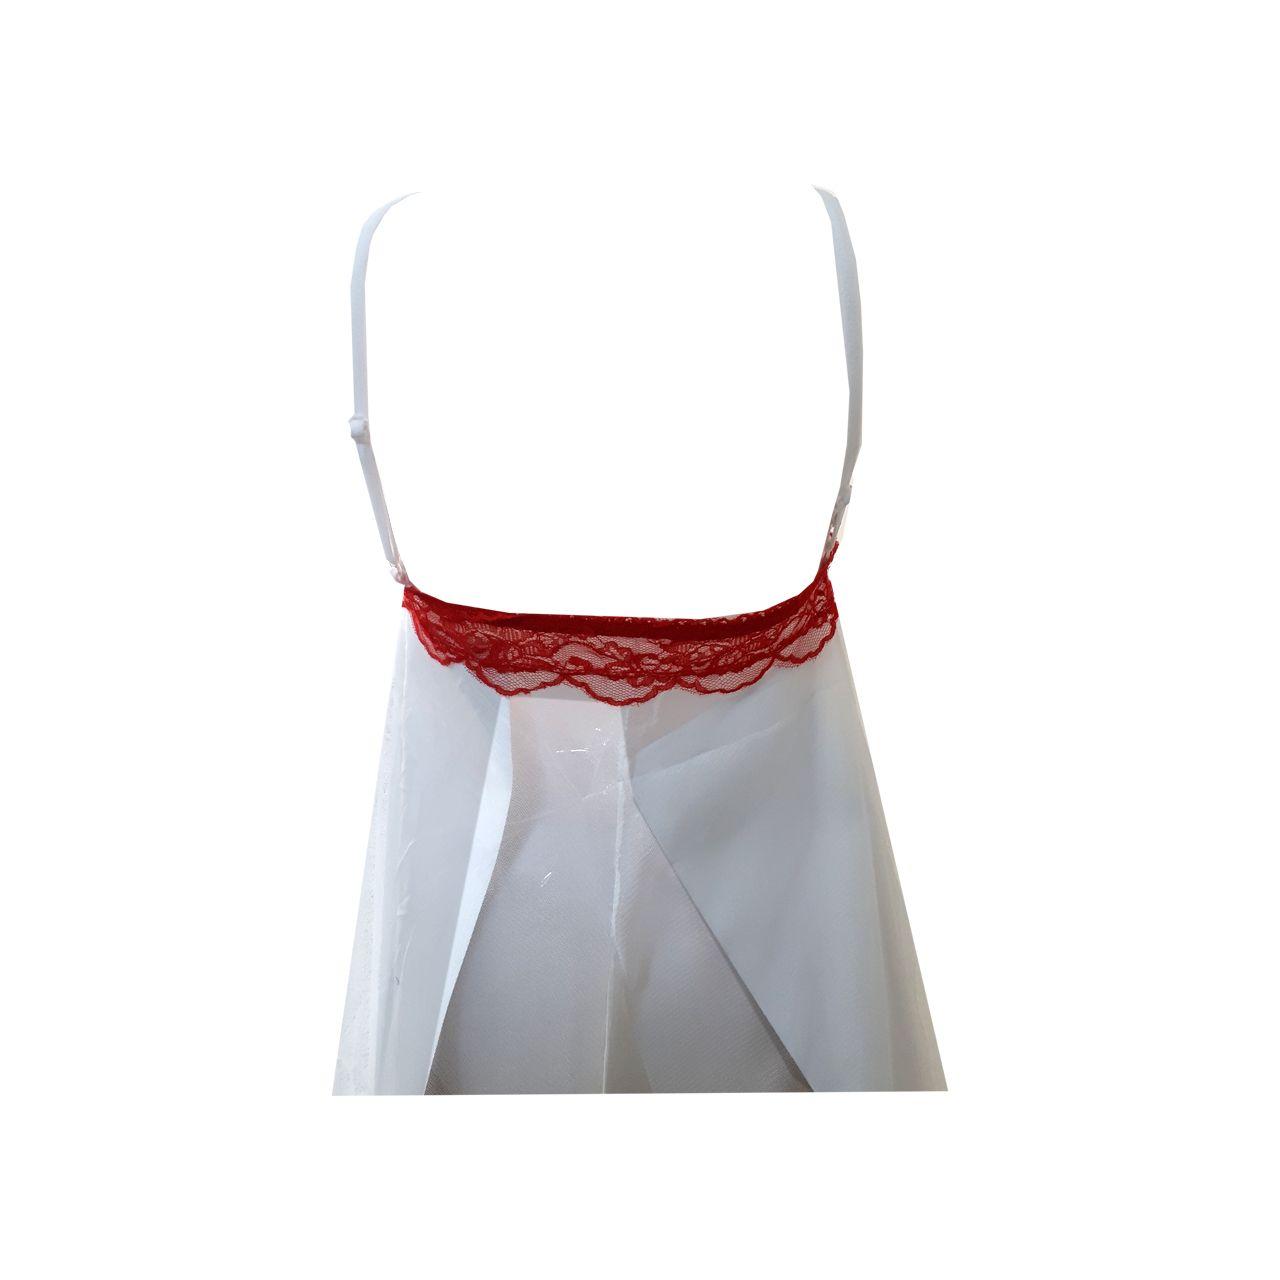 لباس خواب زنانه مدل  AS12 -  - 3